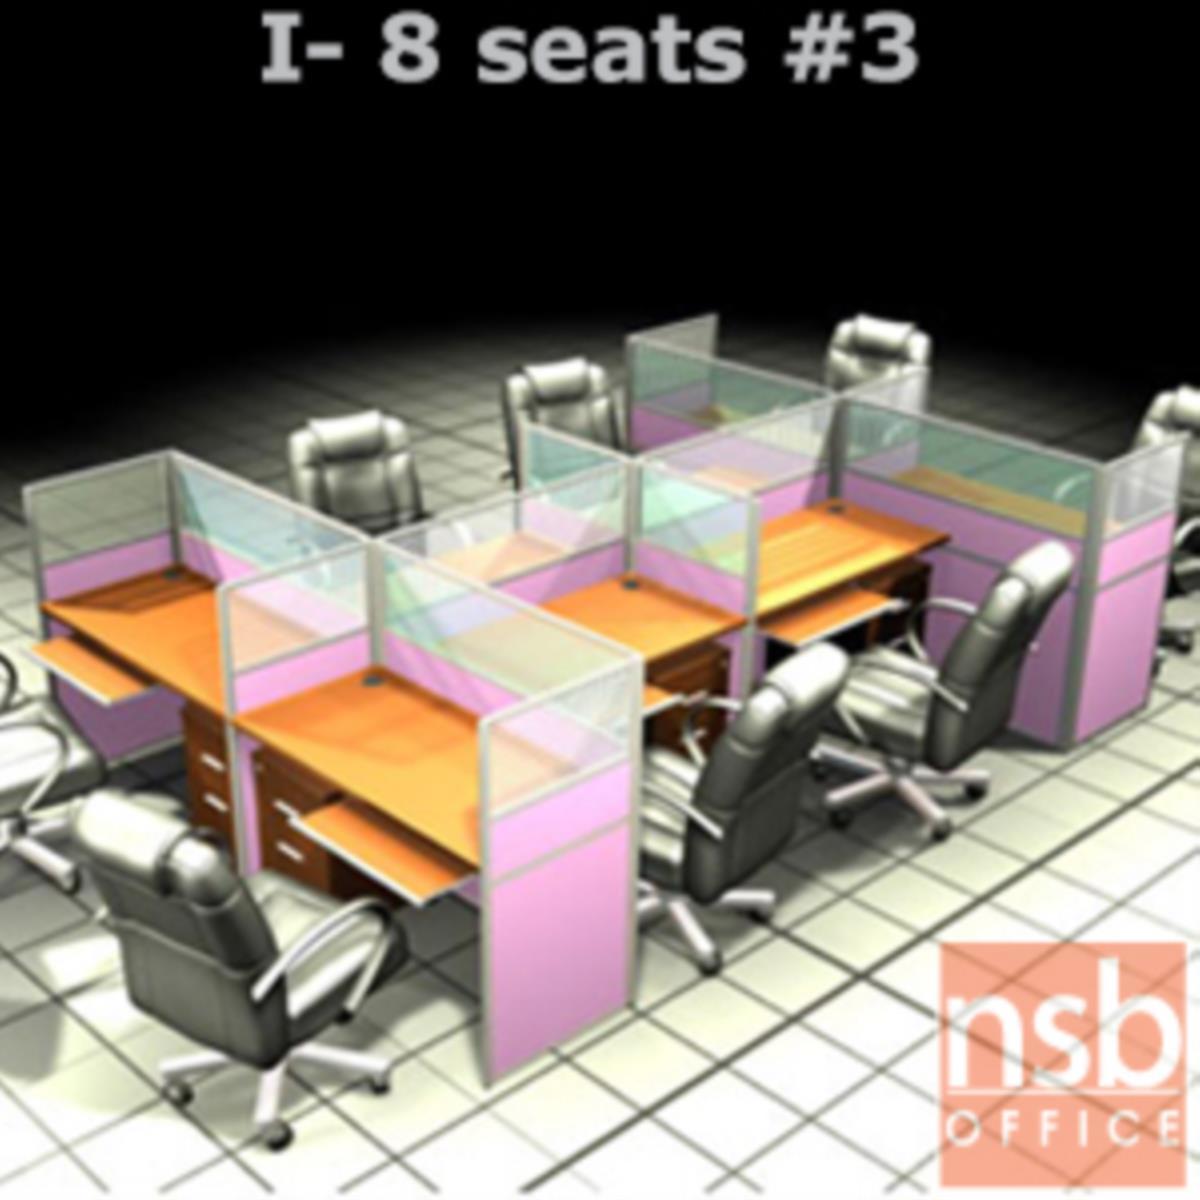 A04A095:ชุดโต๊ะทำงานกลุ่ม 8 ที่นั่ง   ขนาดรวม 366W*246D cm. พร้อมพาร์ทิชั่นครึ่งกระจกขัดลาย